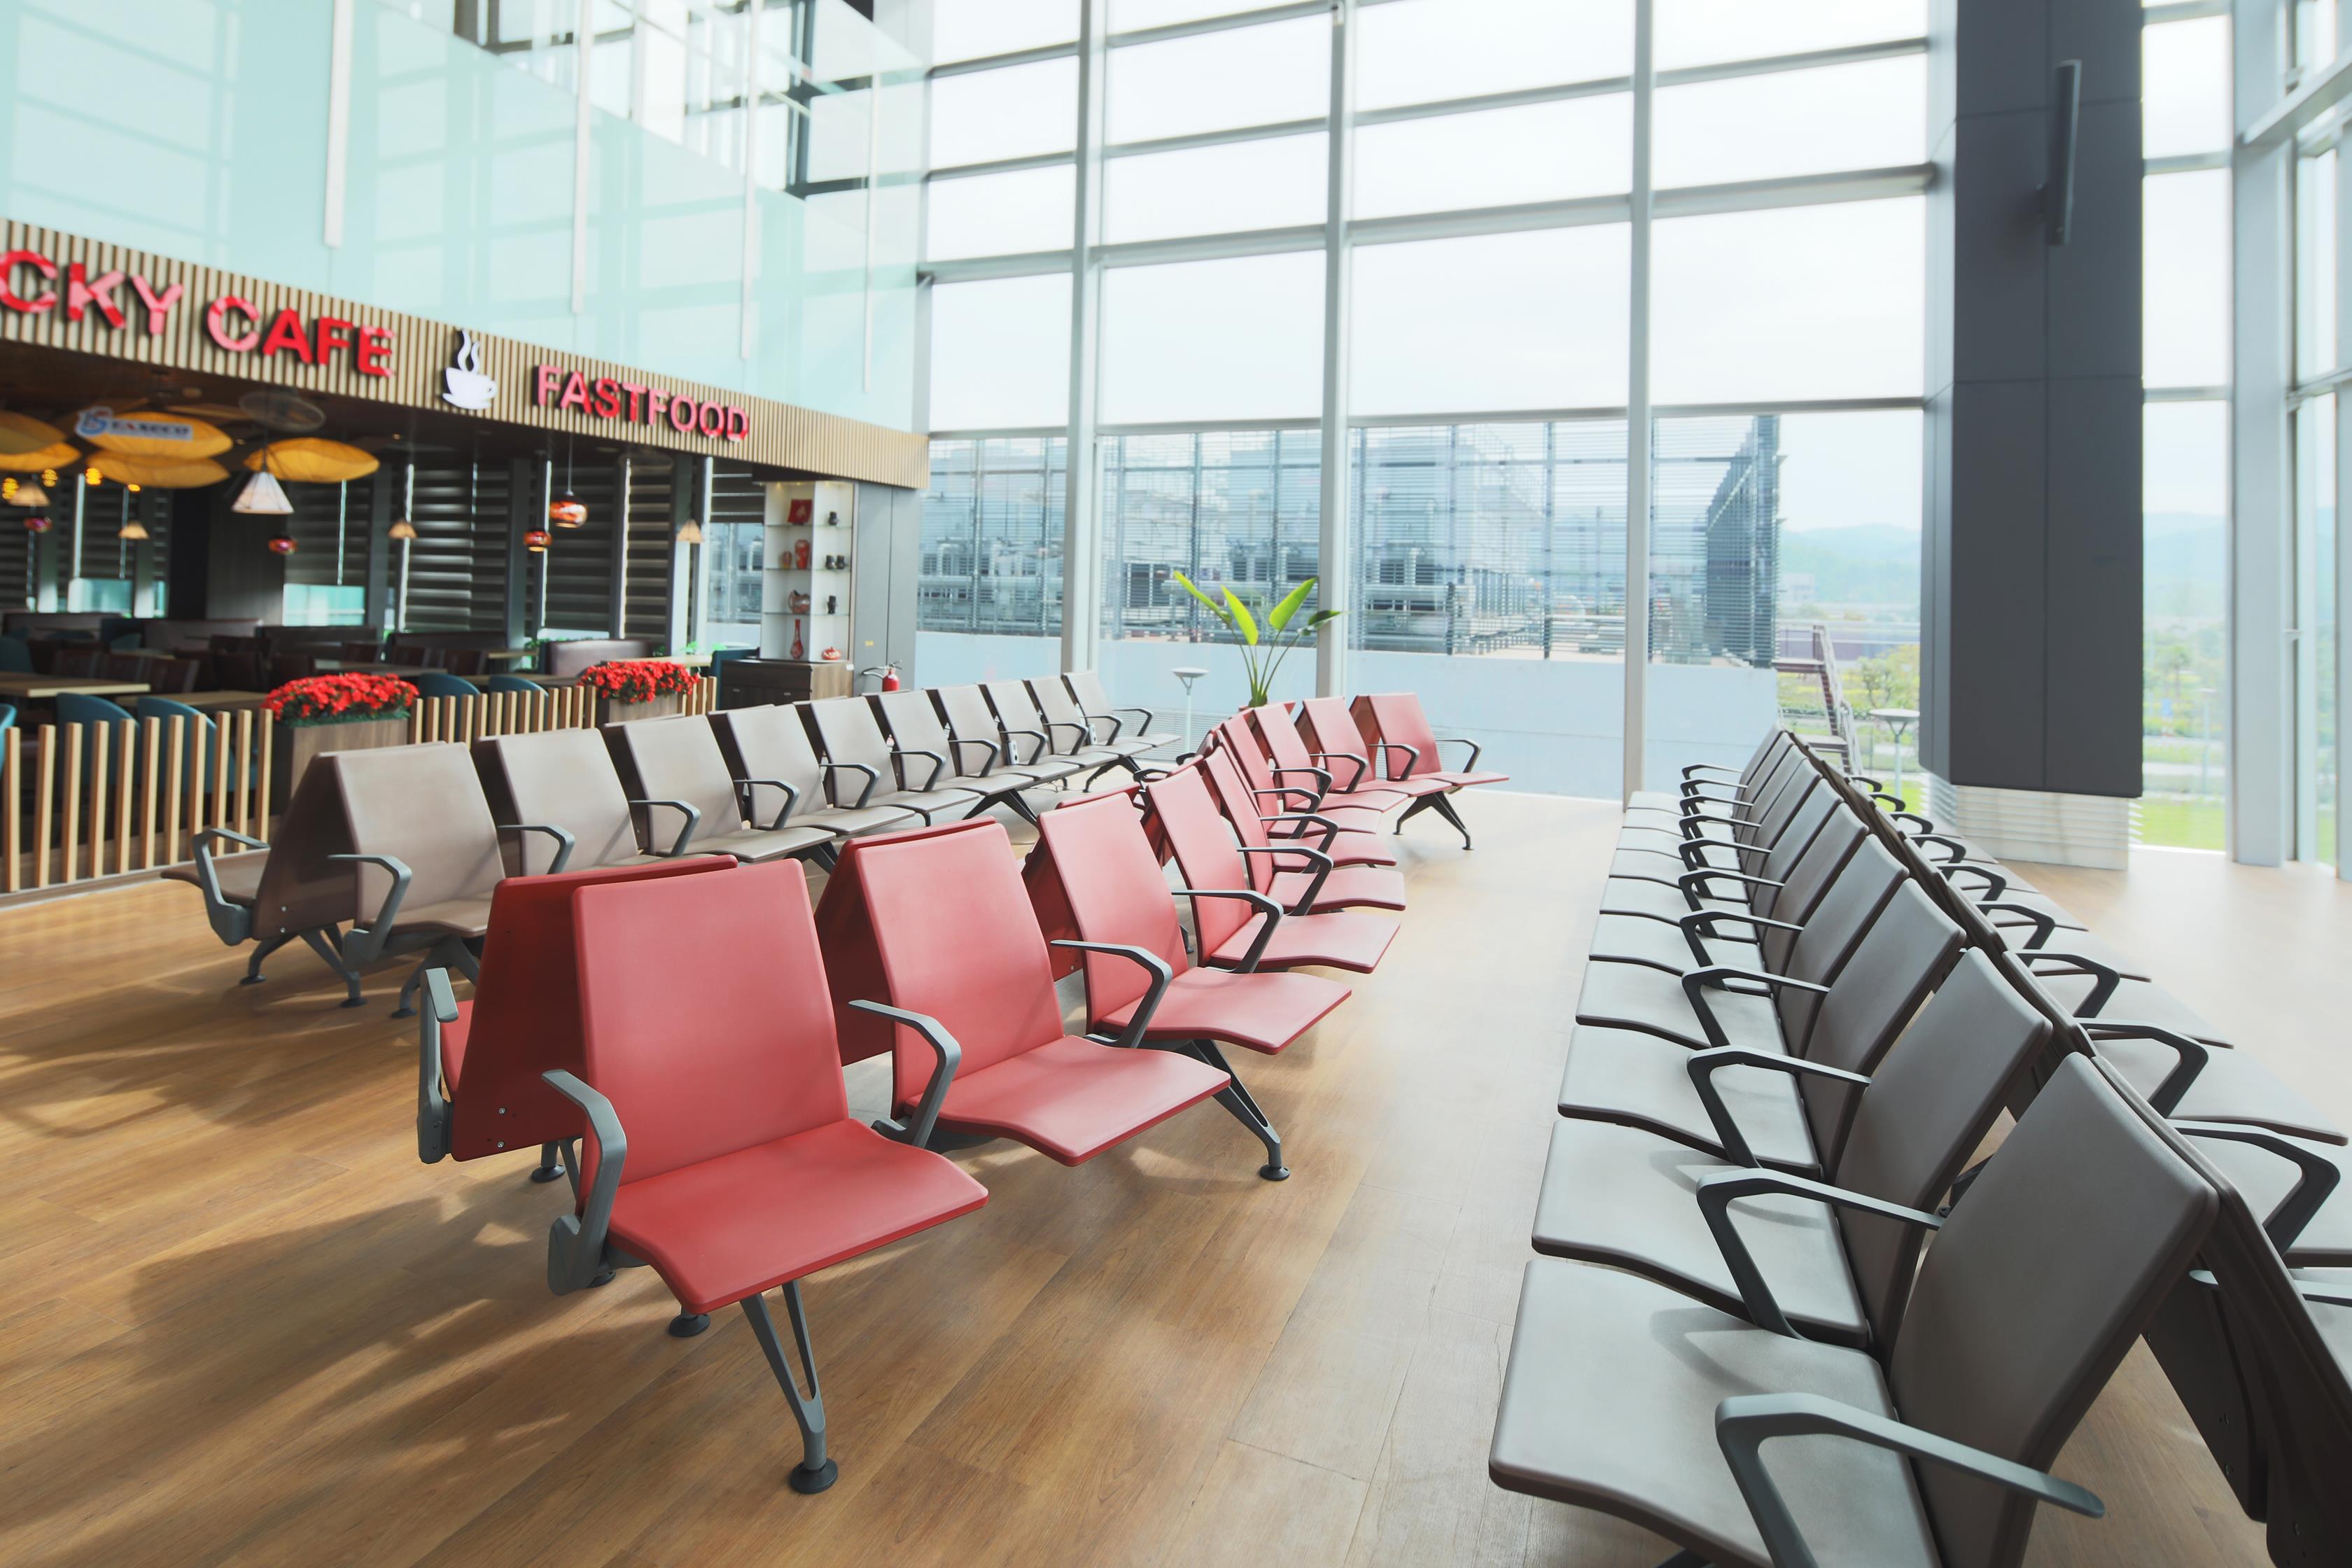 Hệ thống công nghệ tại sân bay hiện đại nhất Việt Nam có gì? 3